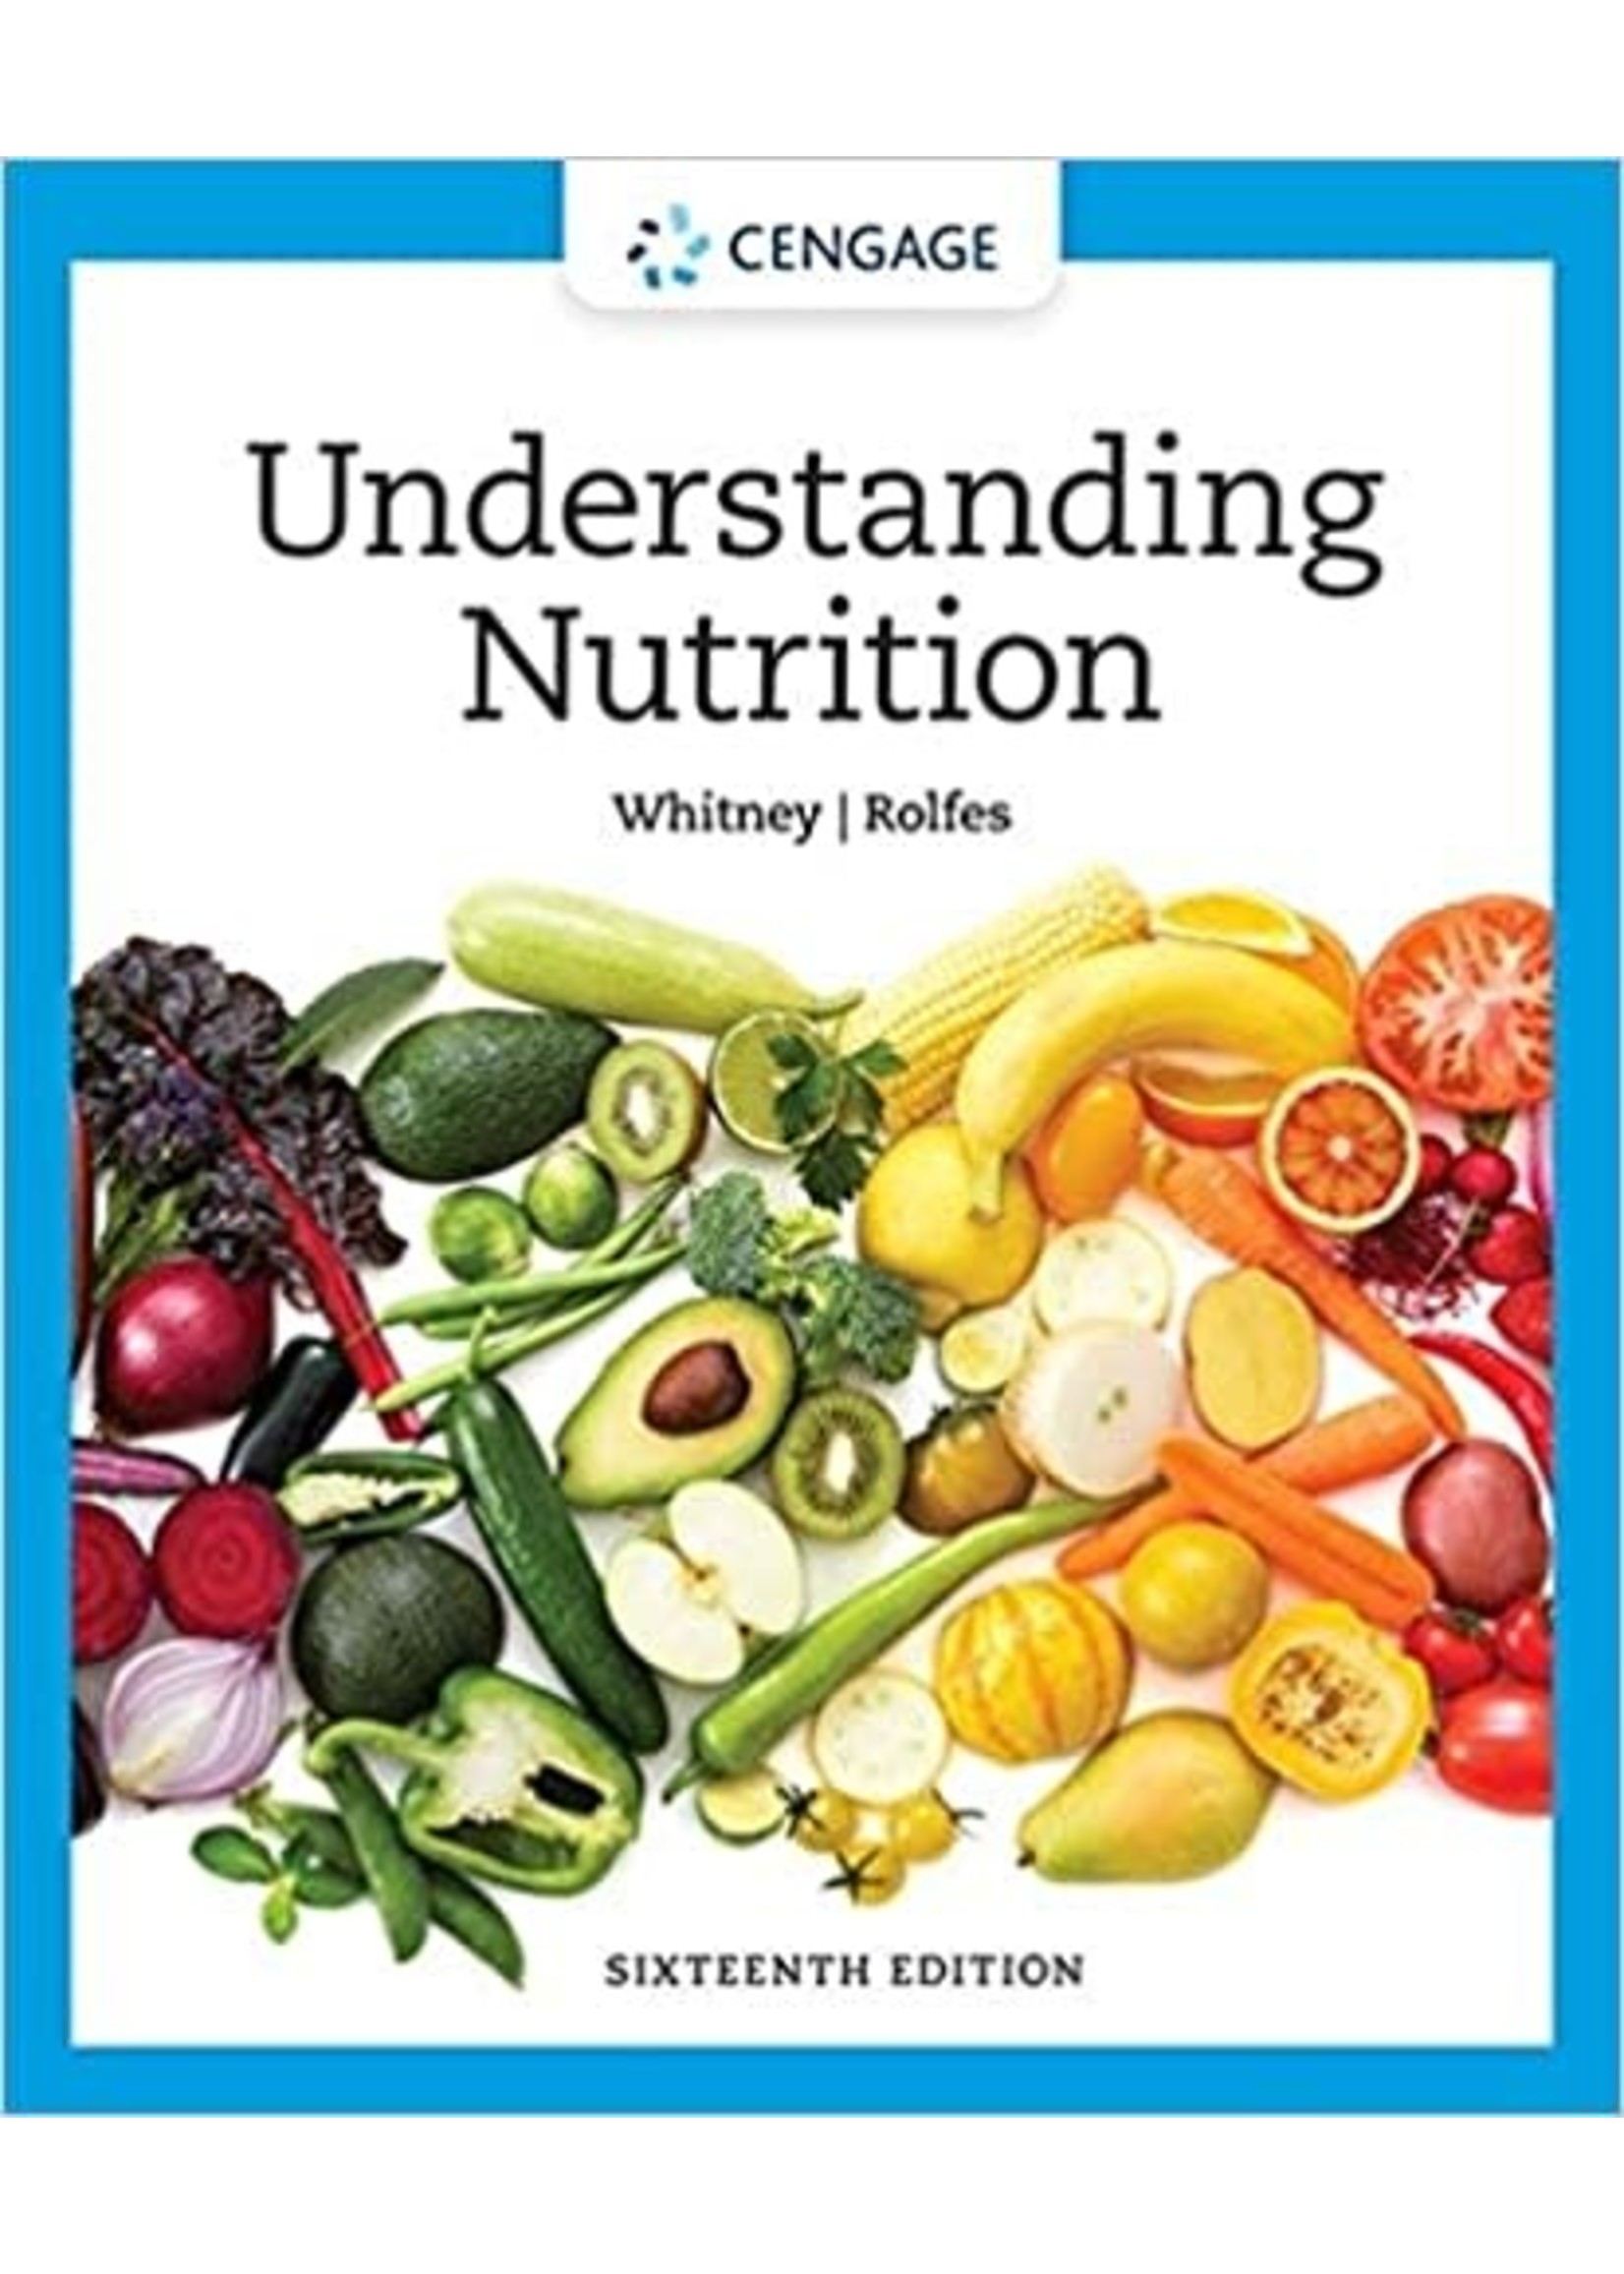 FCS281 UNDERSTANDING NUTRITION